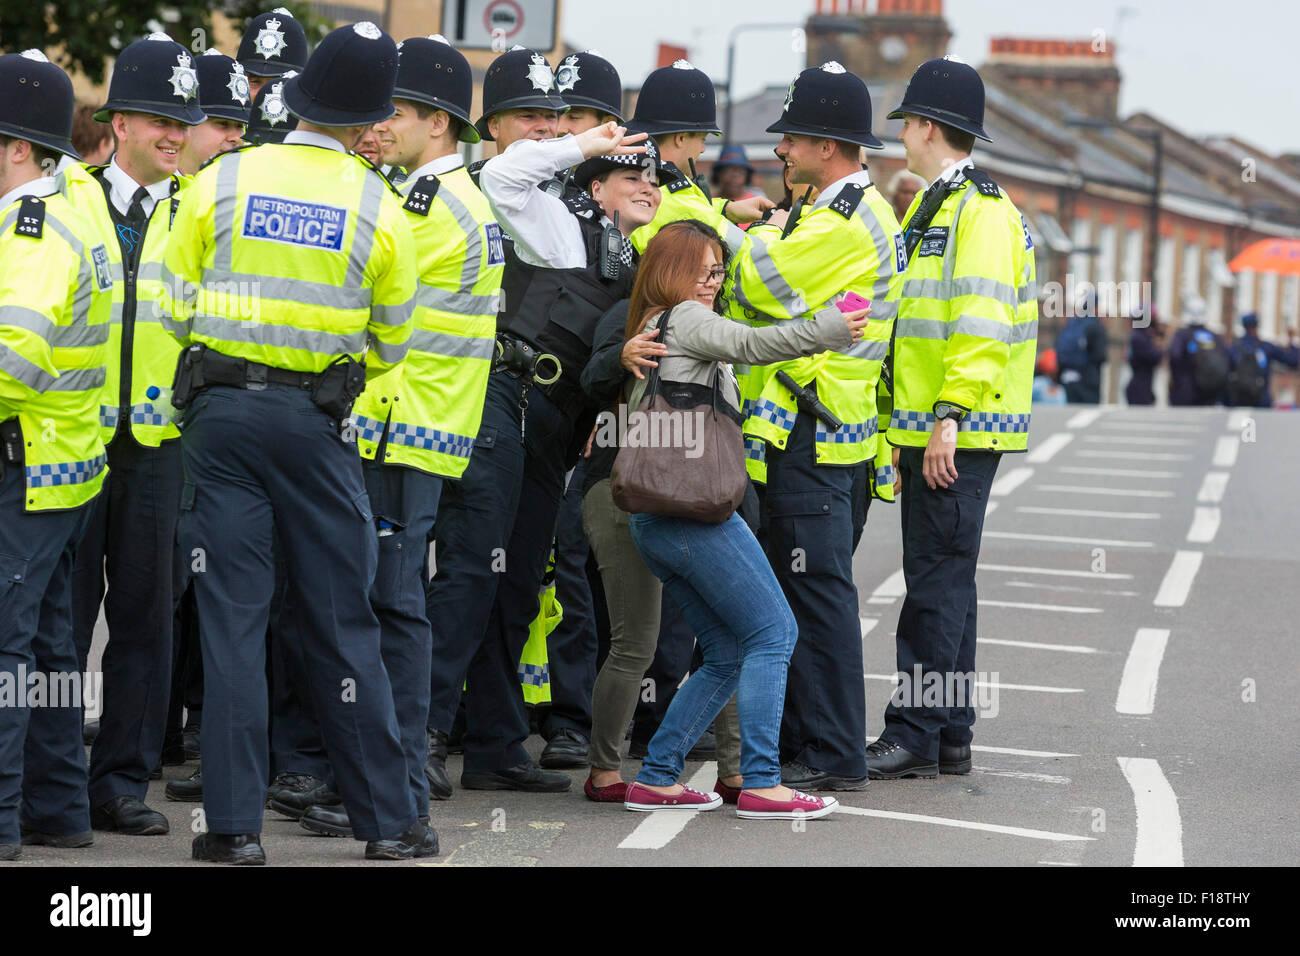 London, UK. 30. August 2015. Eine Polizistin posiert für ein Selbstporträt mit Feiernden. Der Notting Stockbild